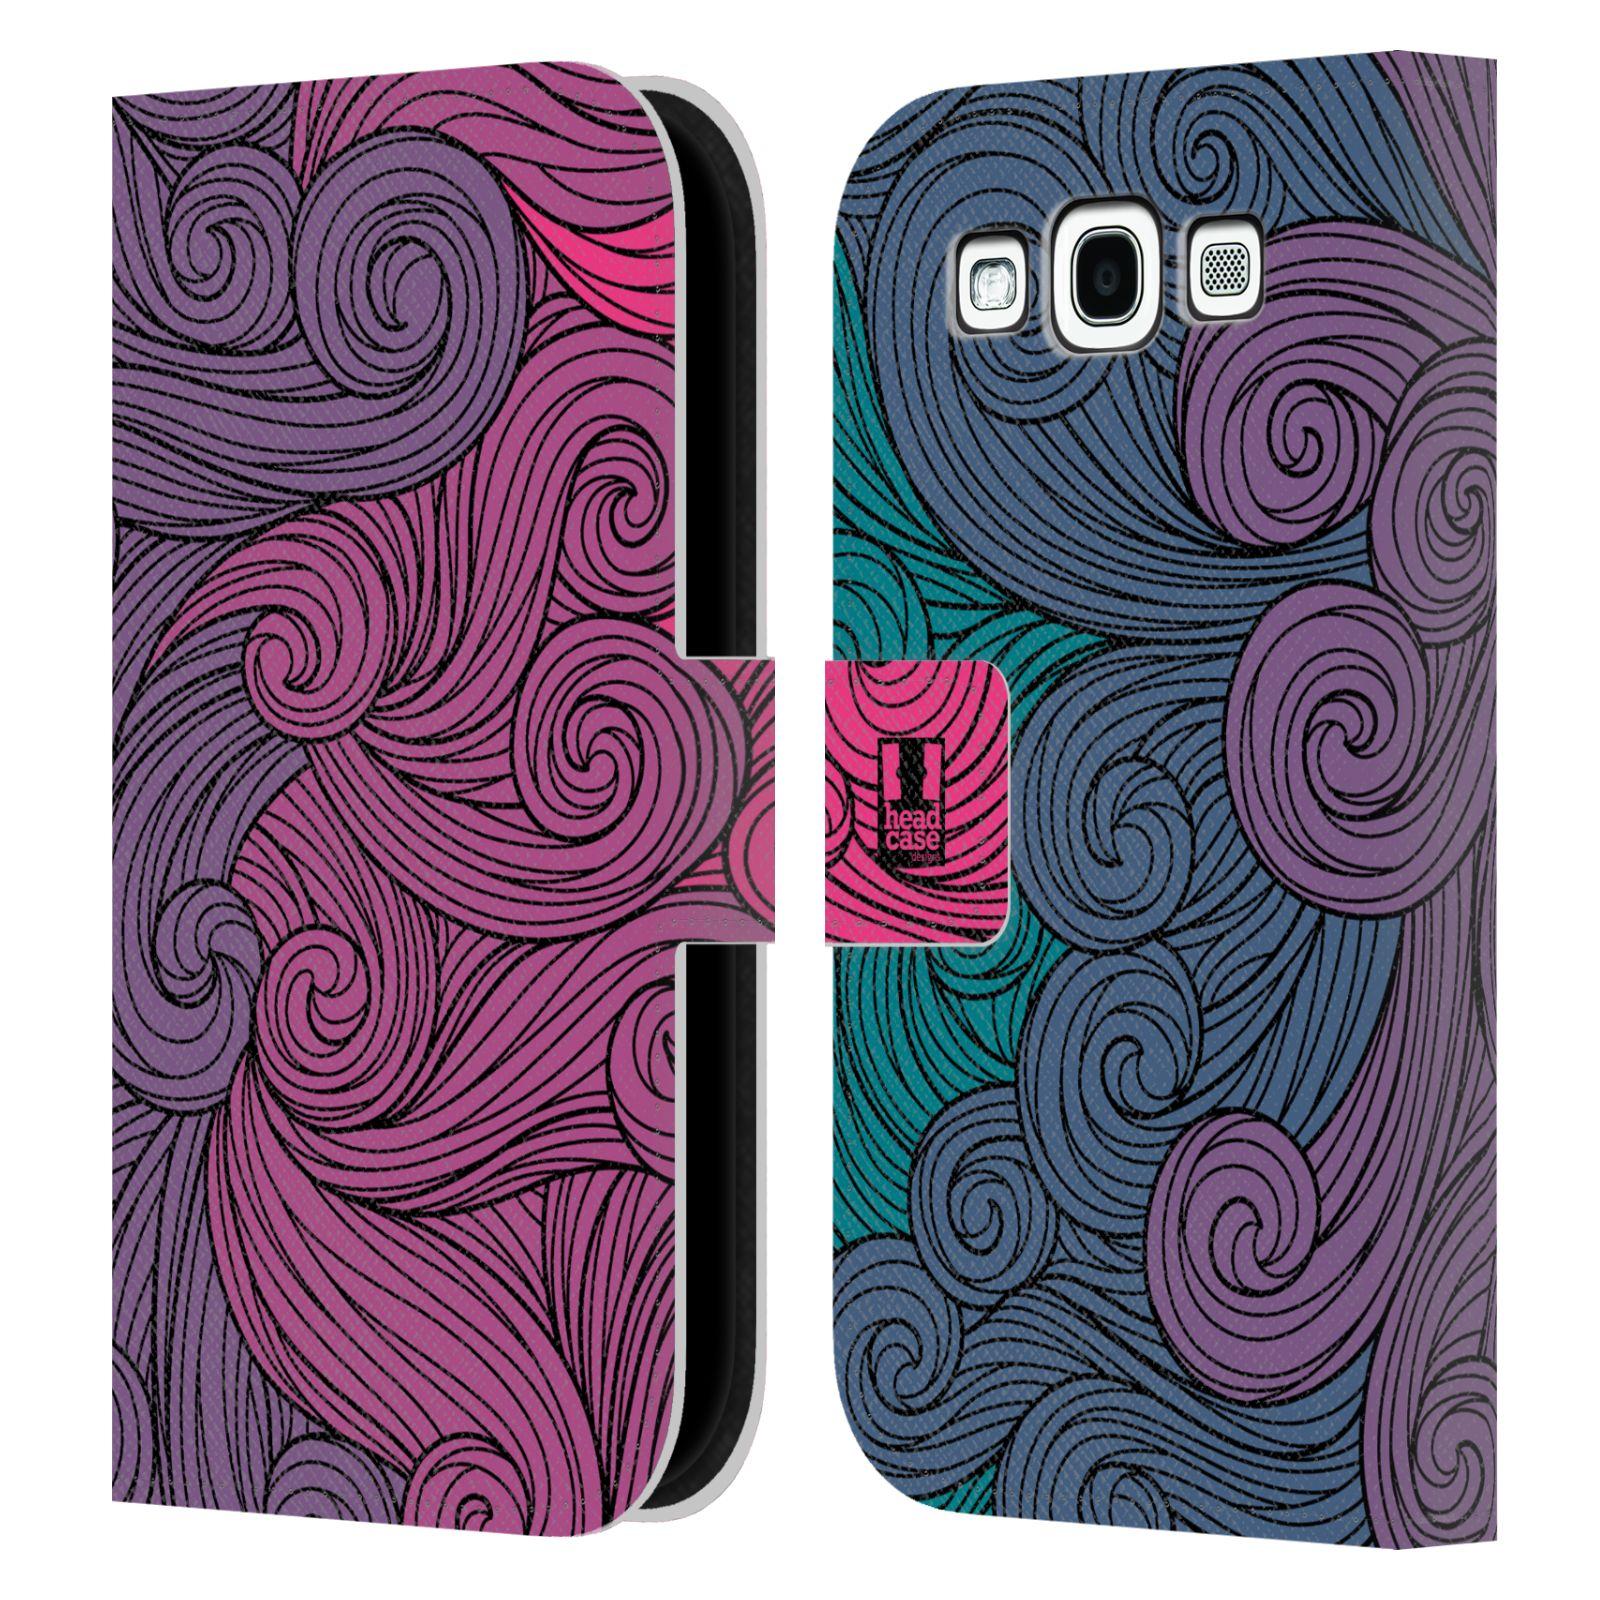 HEAD CASE Flipové pouzdro pro mobil Samsung Galaxy S3 barevné vlny růžová a modrá